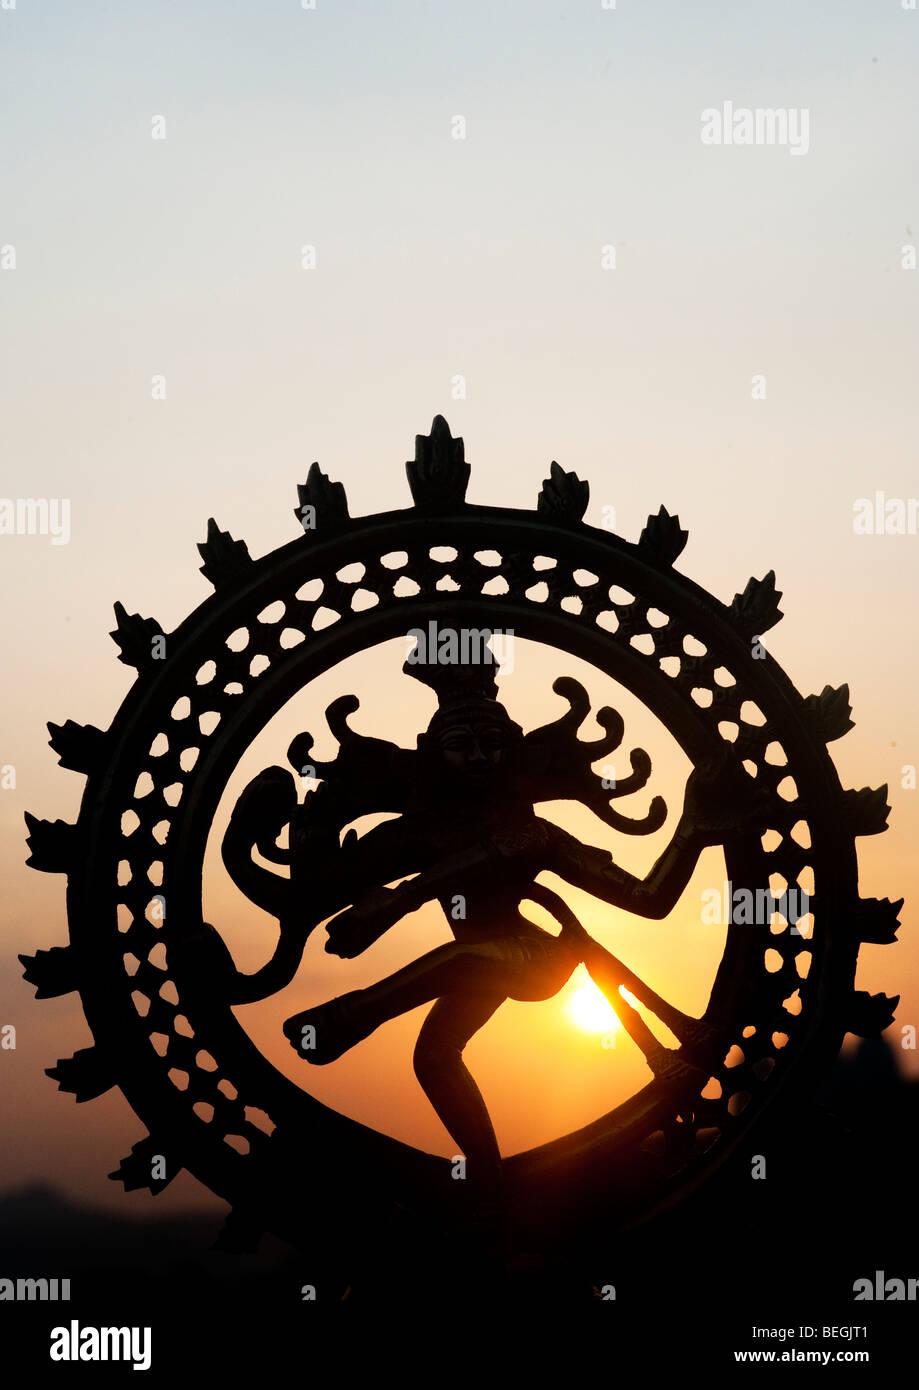 Tanz Lord Shiva Statue, Nataraja Silhouette, gegen eine indische Sonnenaufgang. Puttaparthi, Andhra Pradesh, Indien Stockbild